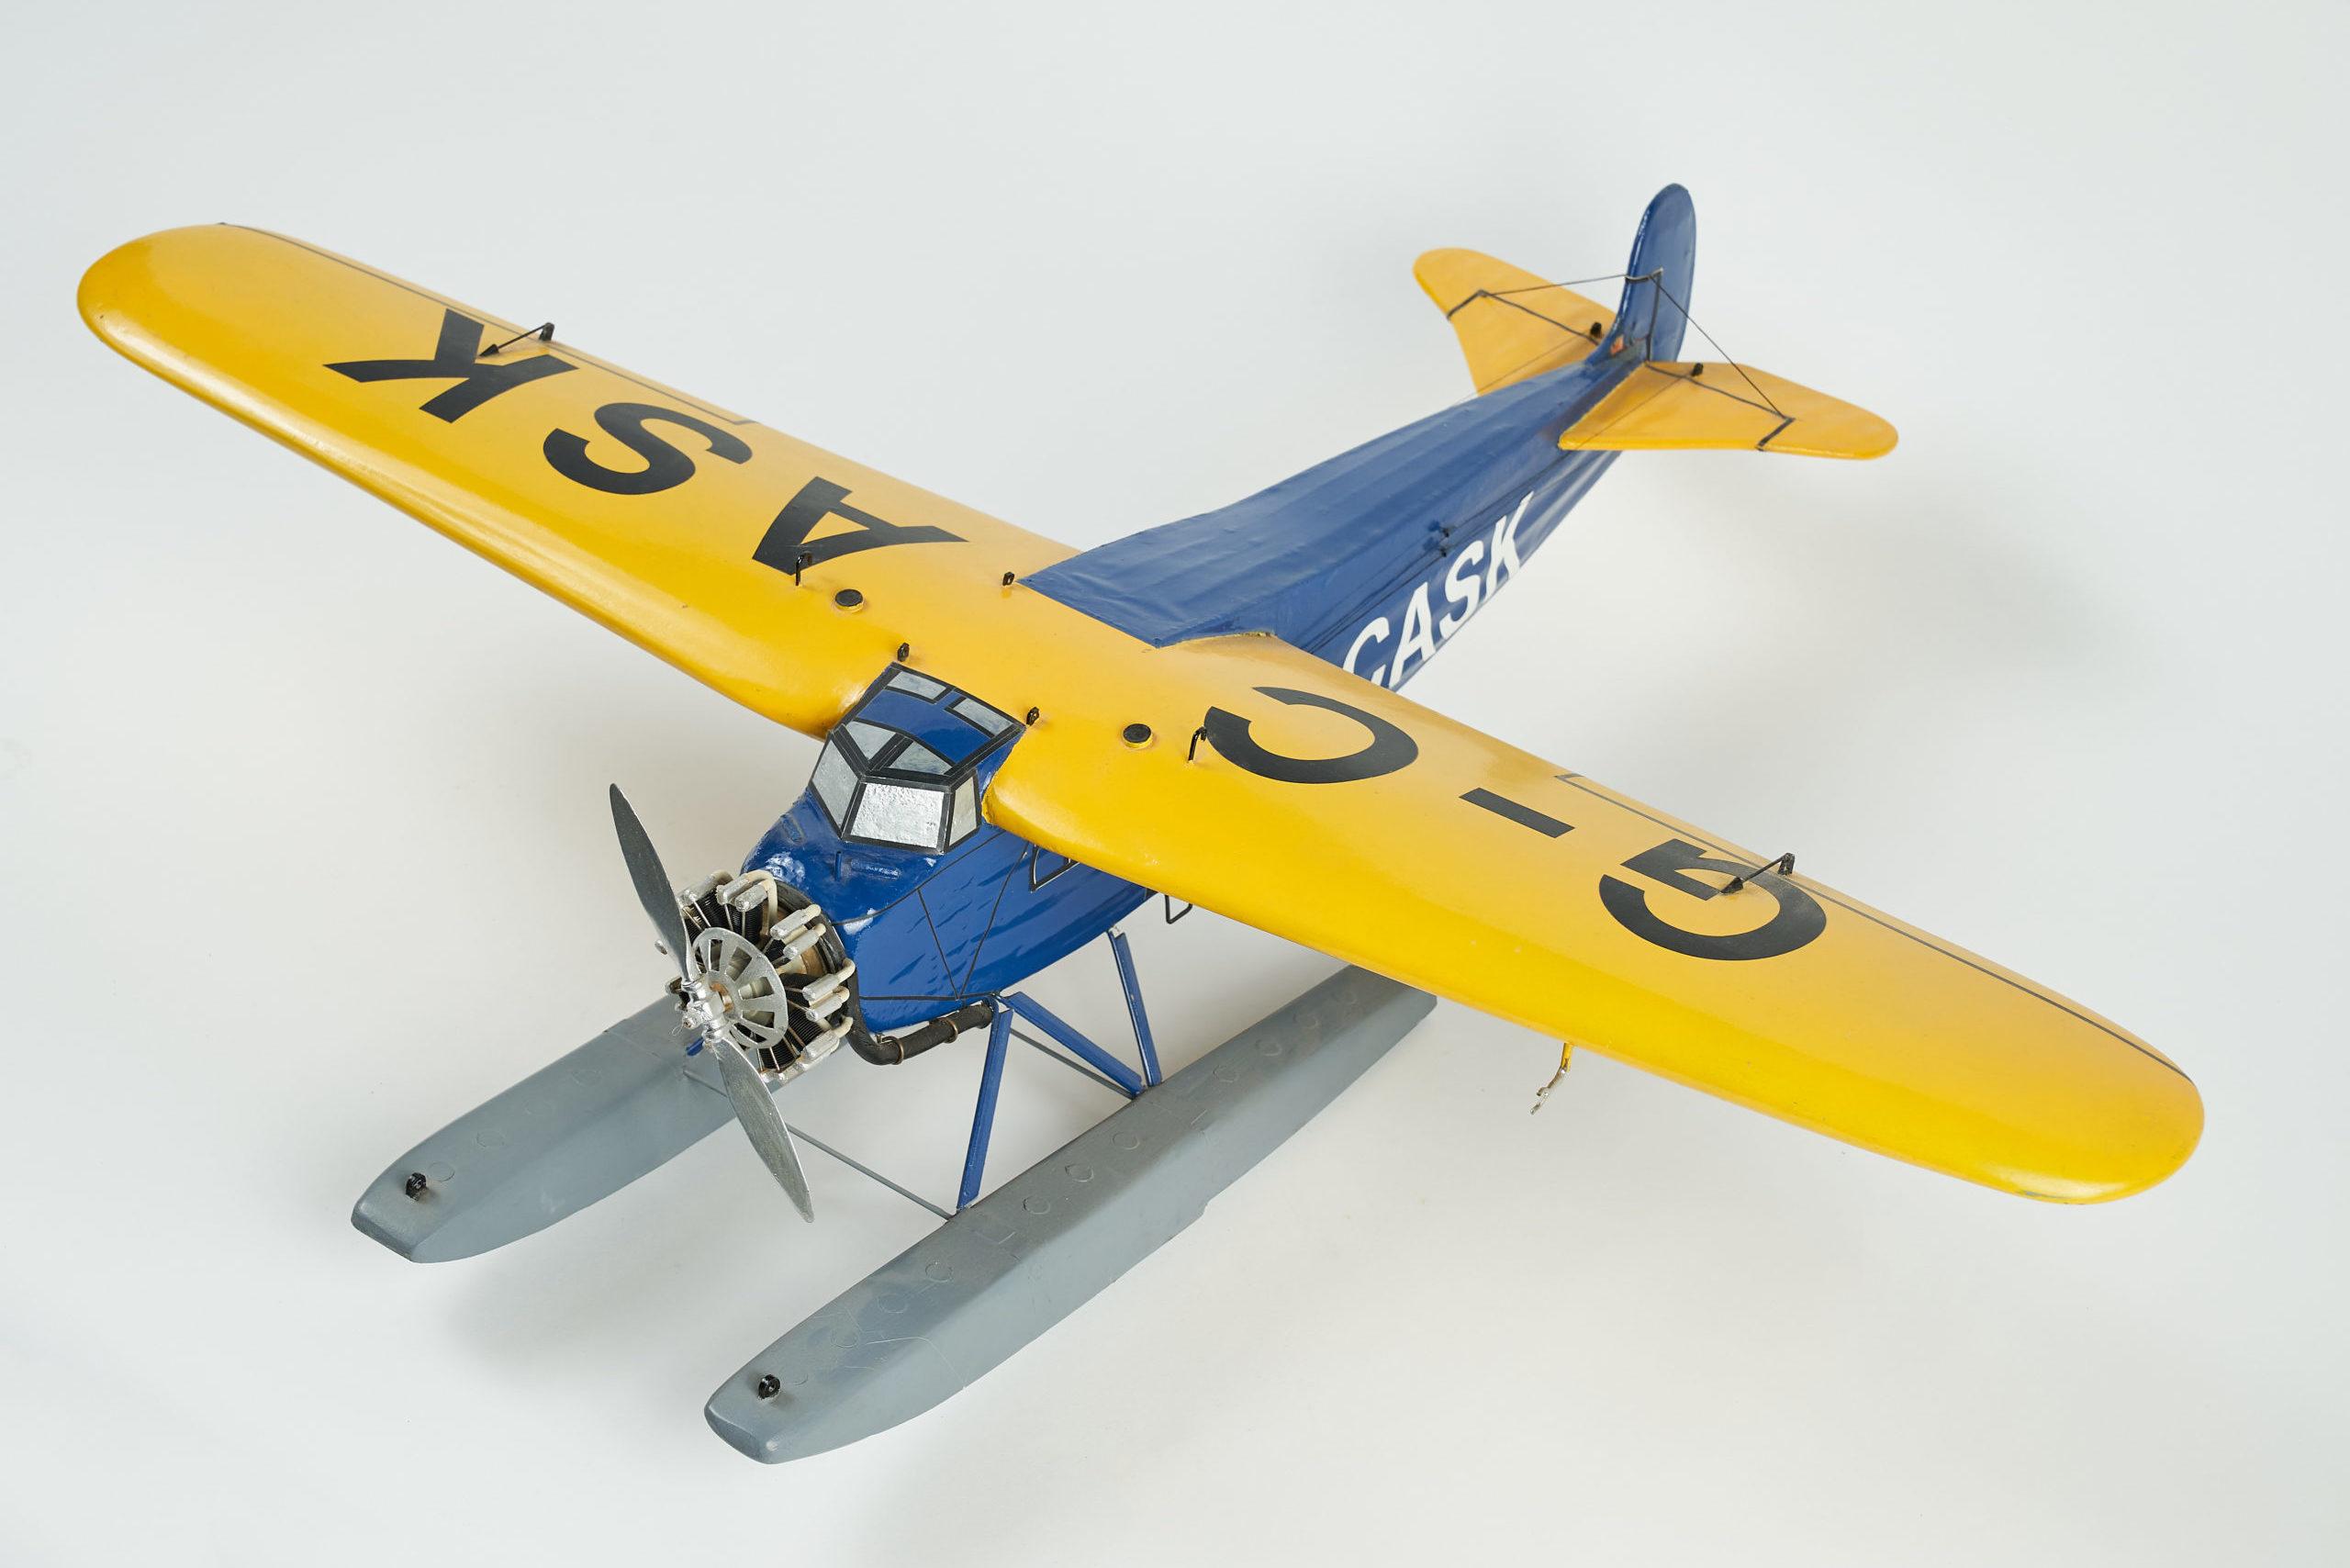 Fokker Super Universal Airplane Model (G-CASK)